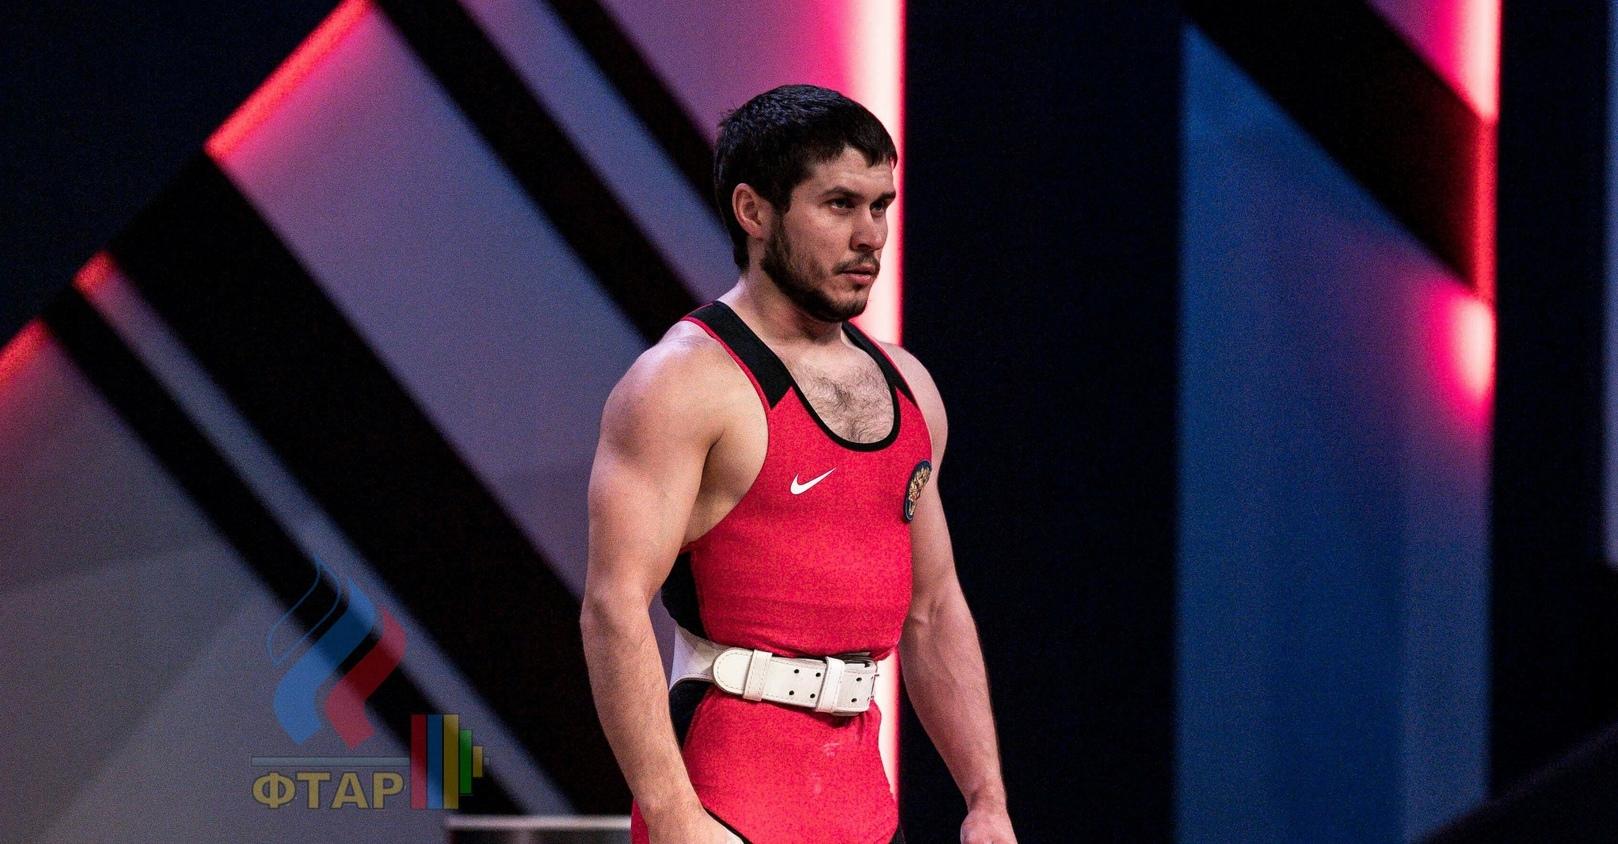 Кировские штангисты завоевали две медали чемпионата Приволжья.